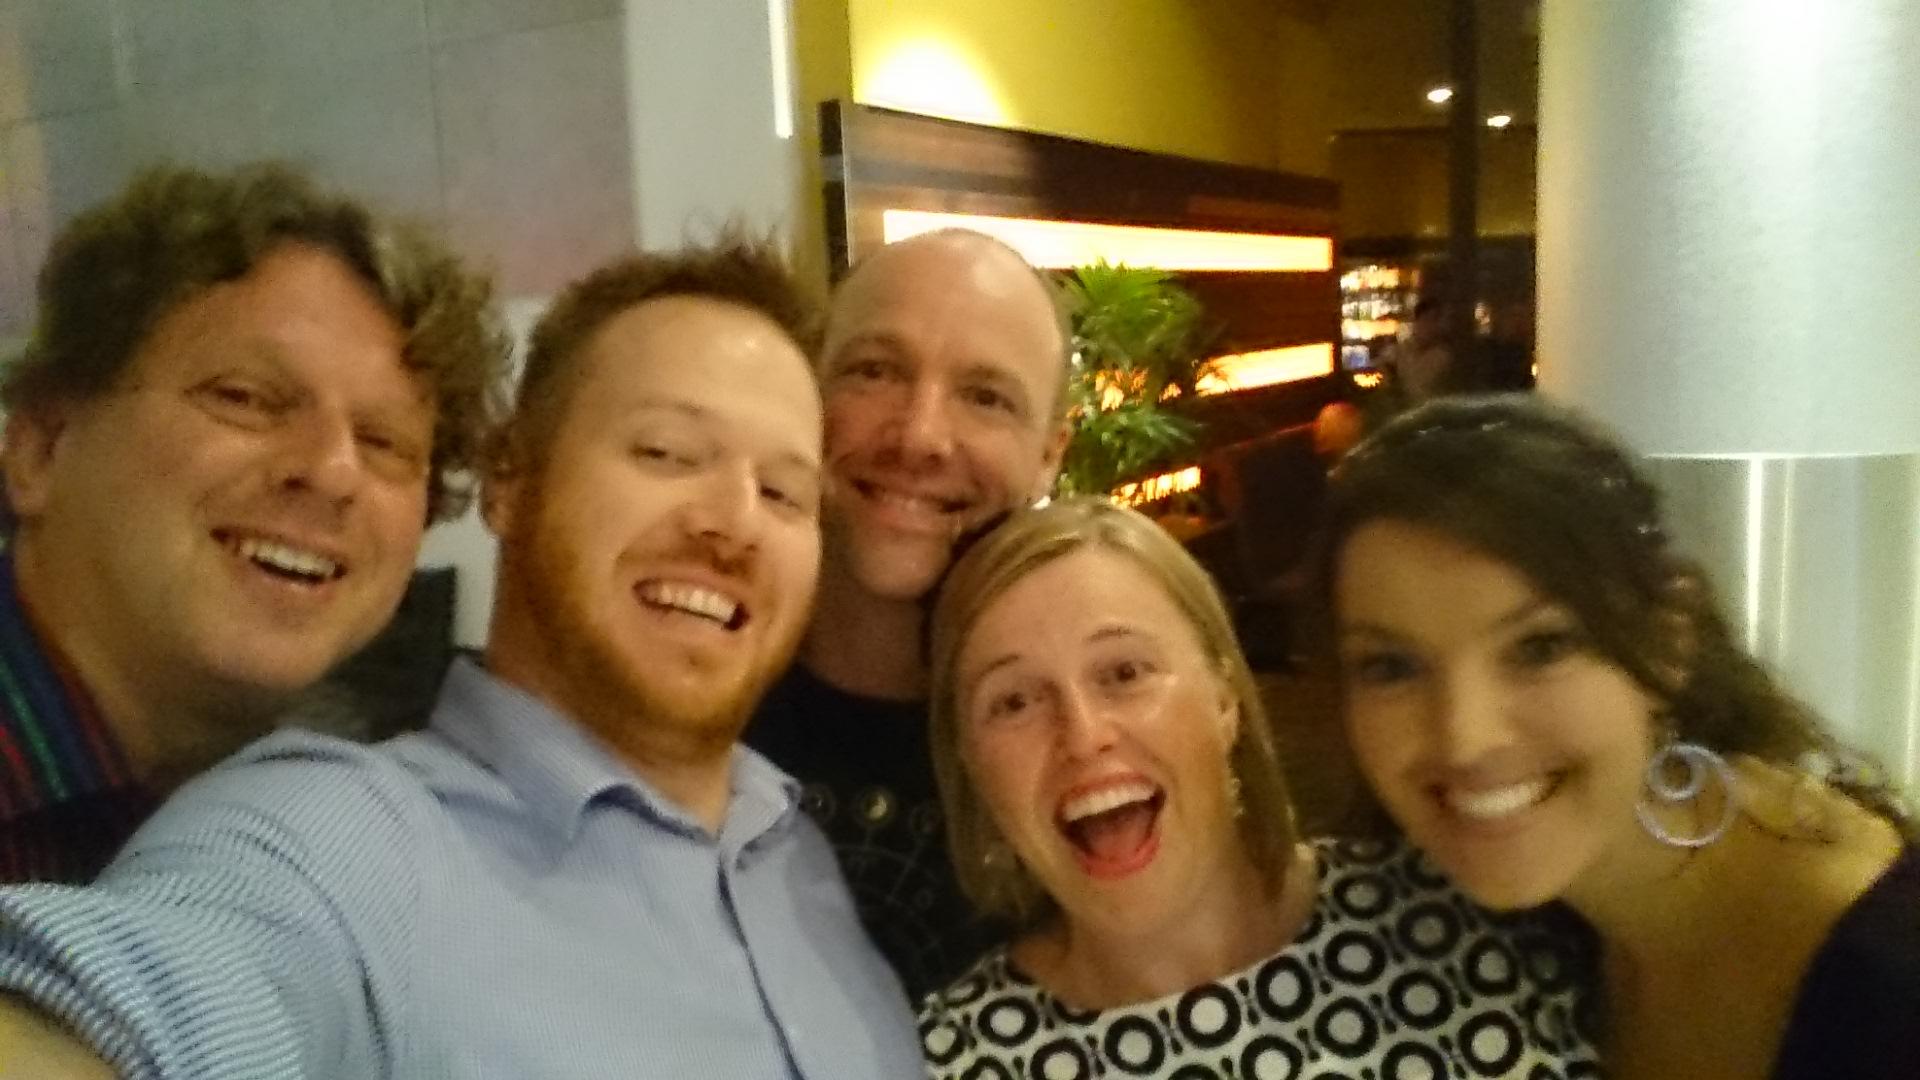 Late Night Selfies!